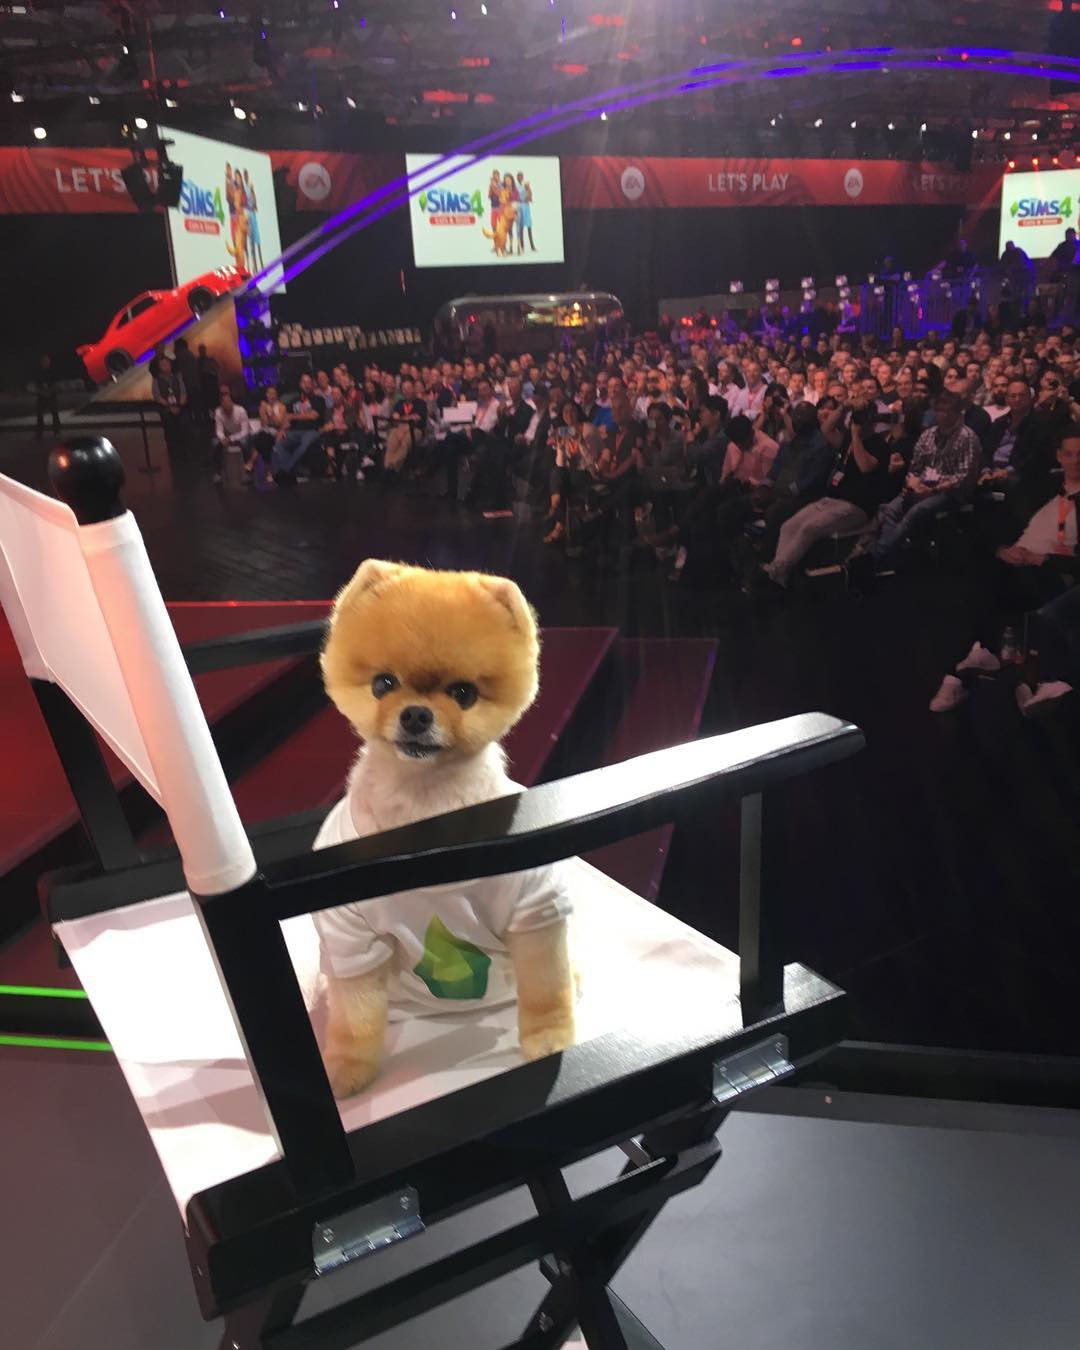 Đọ sức nóng với Hot dog 8 triệu follower Instagram: Được dự event của Mark Zuckerberg, đóng MV cho Katy Perry... - Ảnh 6.